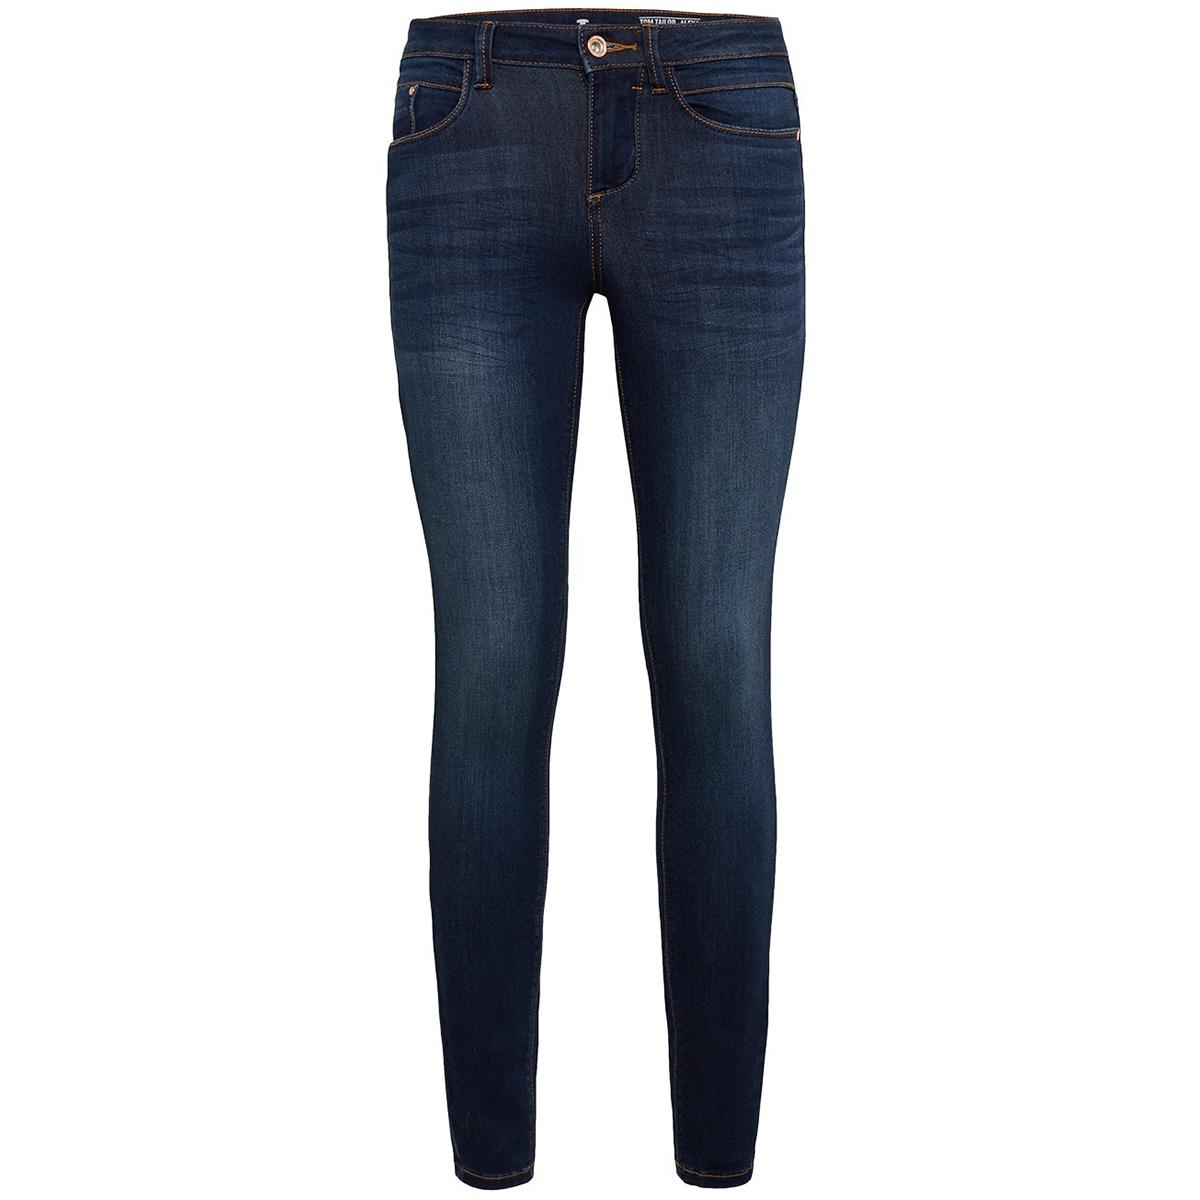 alexa skinny jeans 1008122xx70 tom tailor jeans 10282